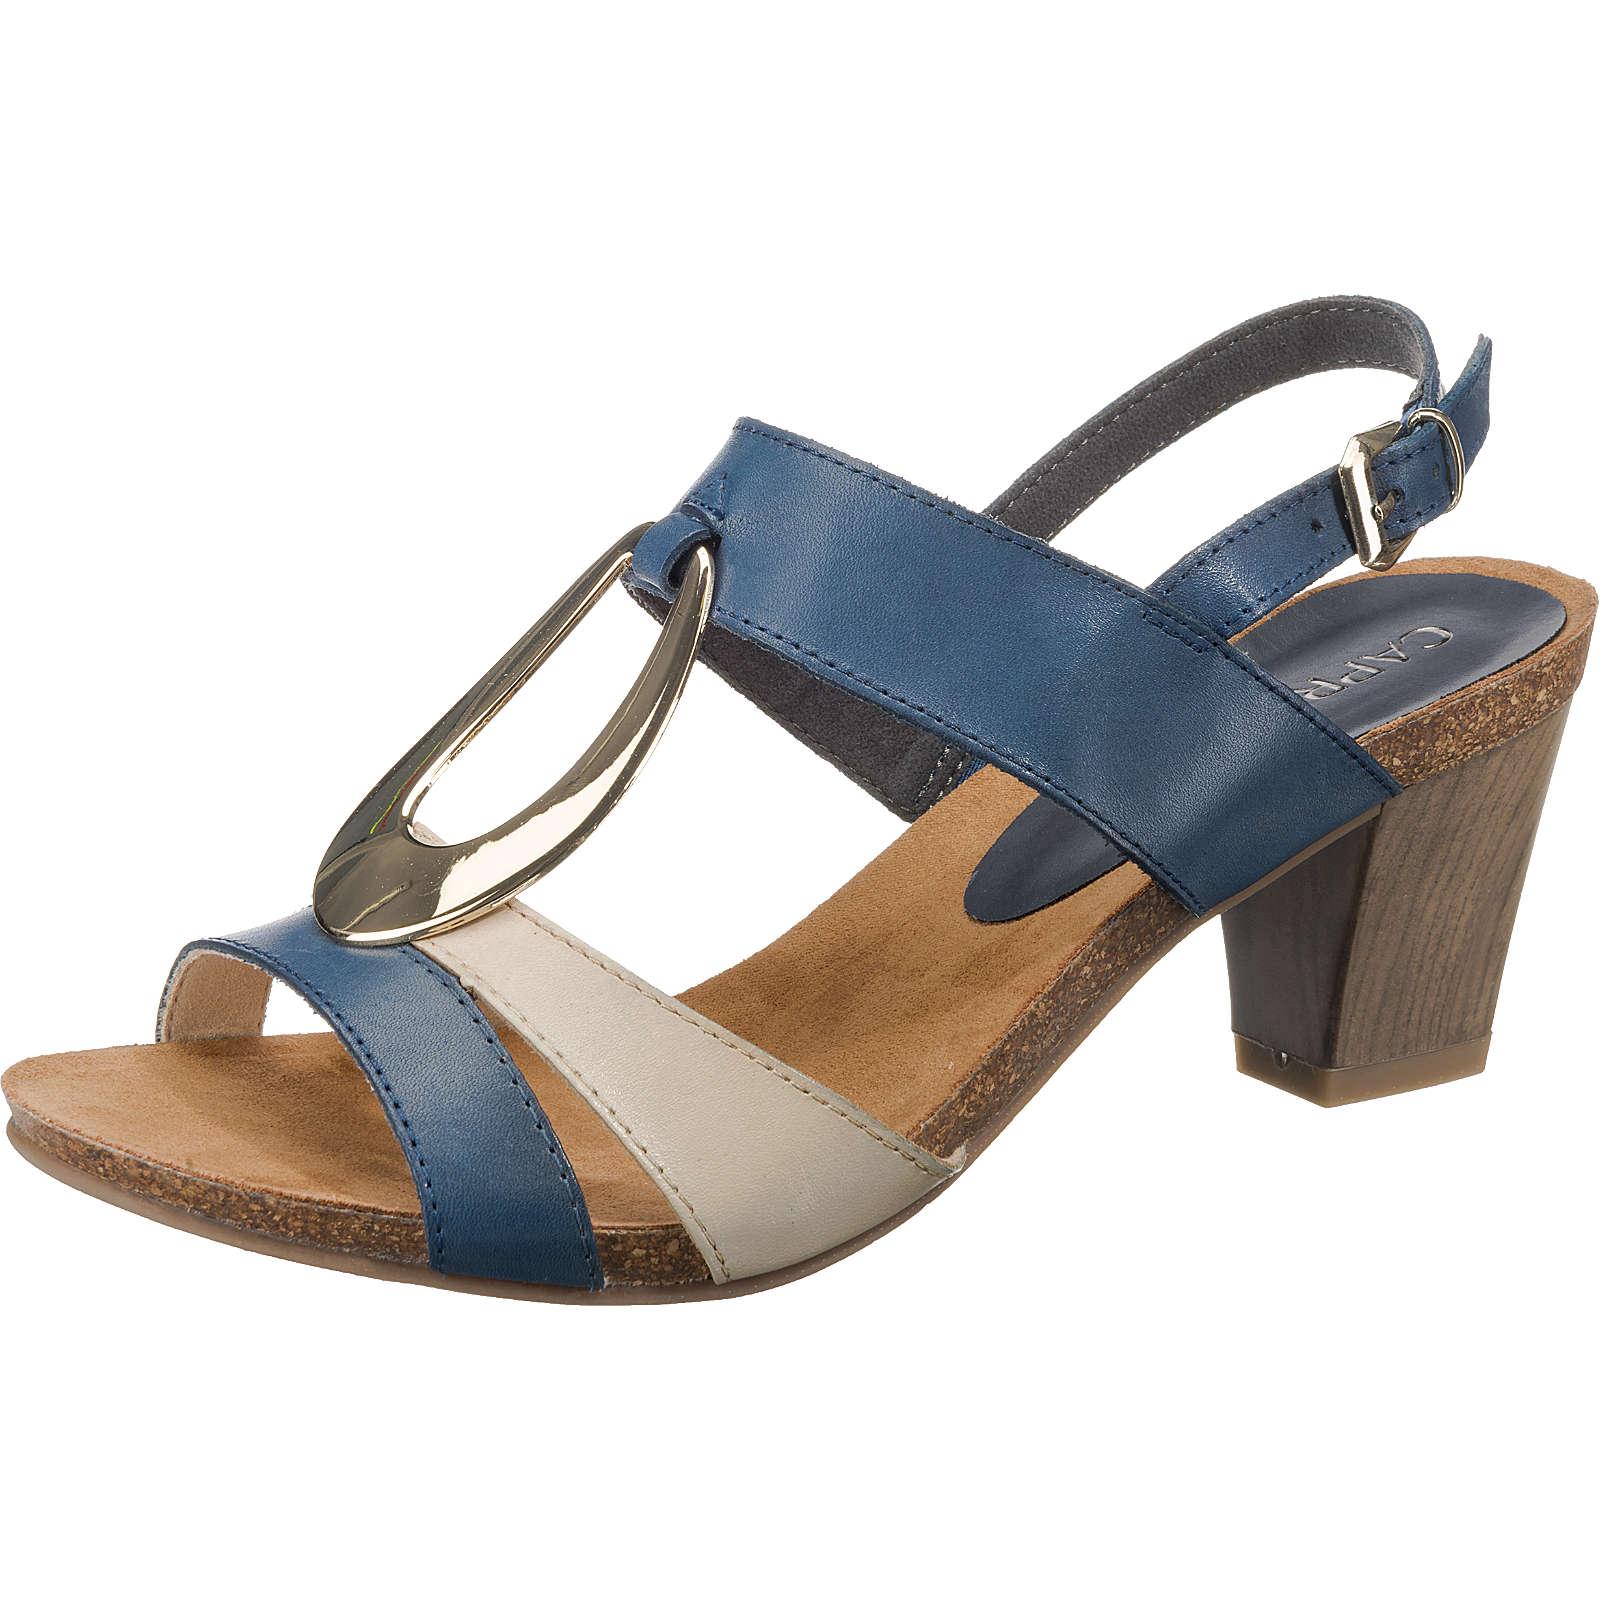 CAPRICE Klassische Sandaletten blau-kombi Damen Gr. 40,5